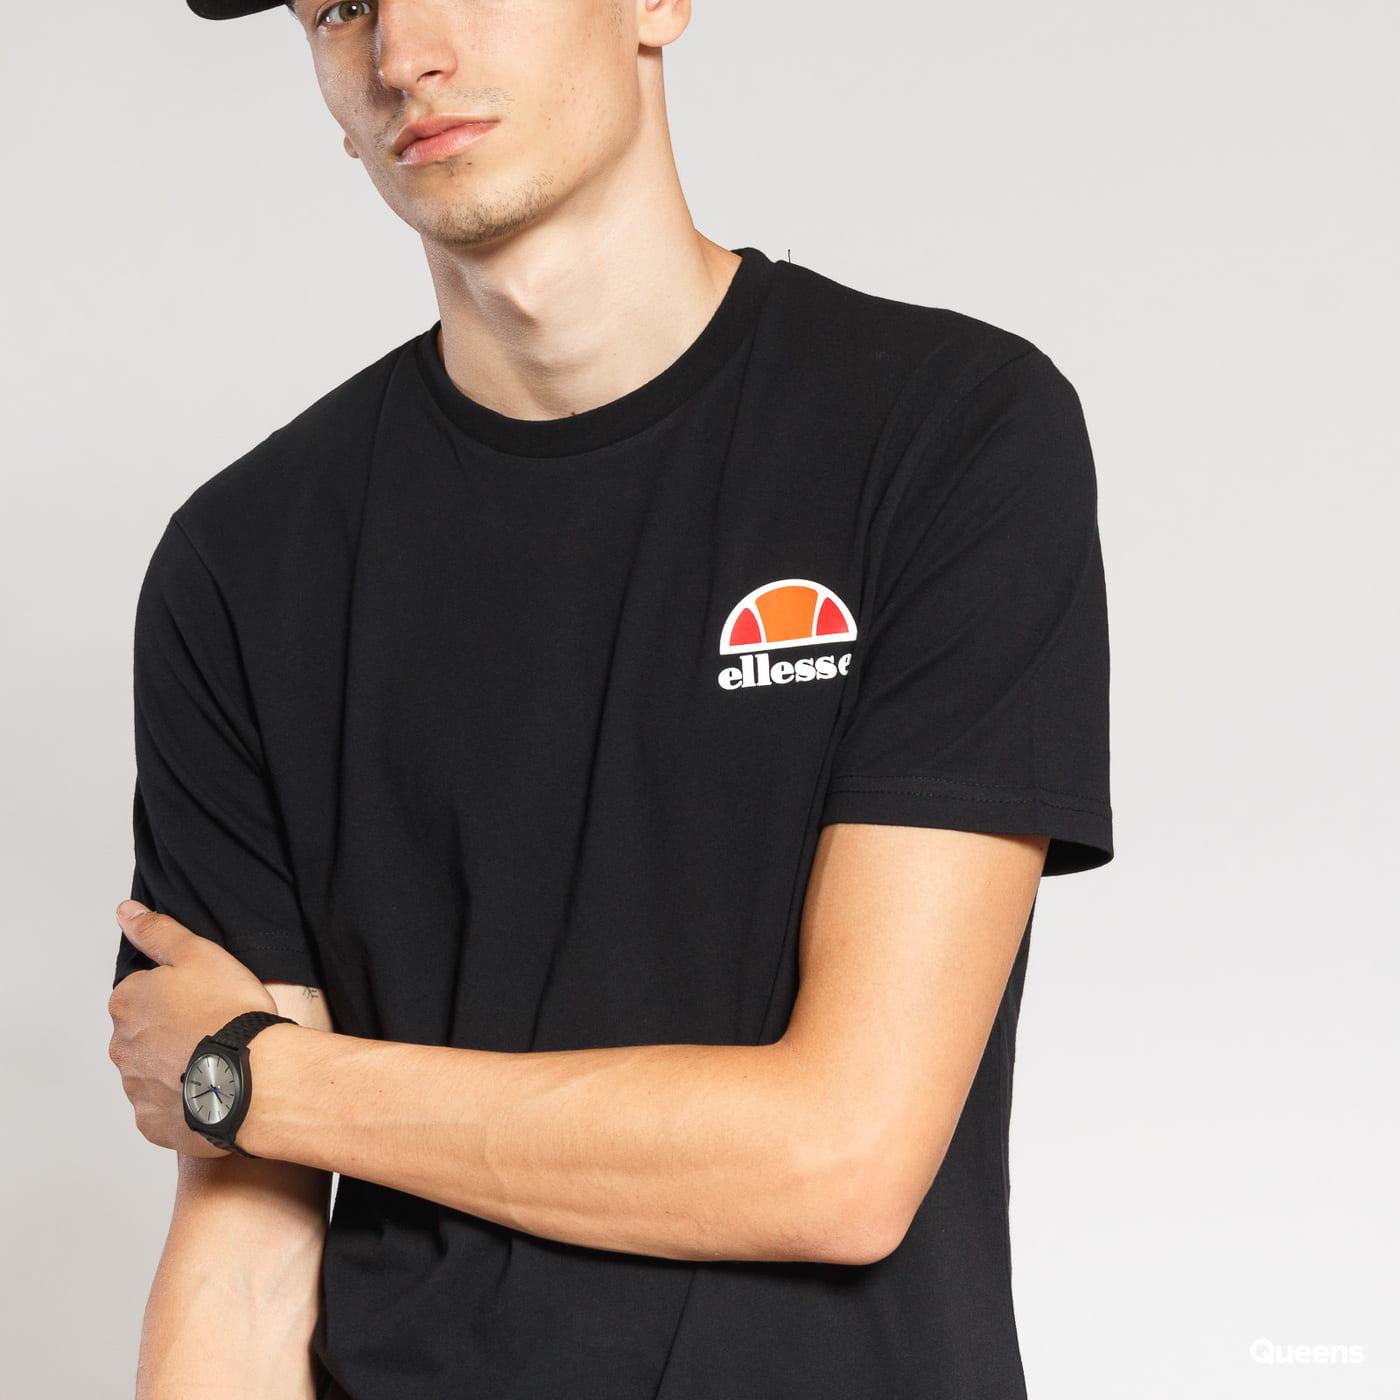 ellesse Canaletto T-shirt schwarz